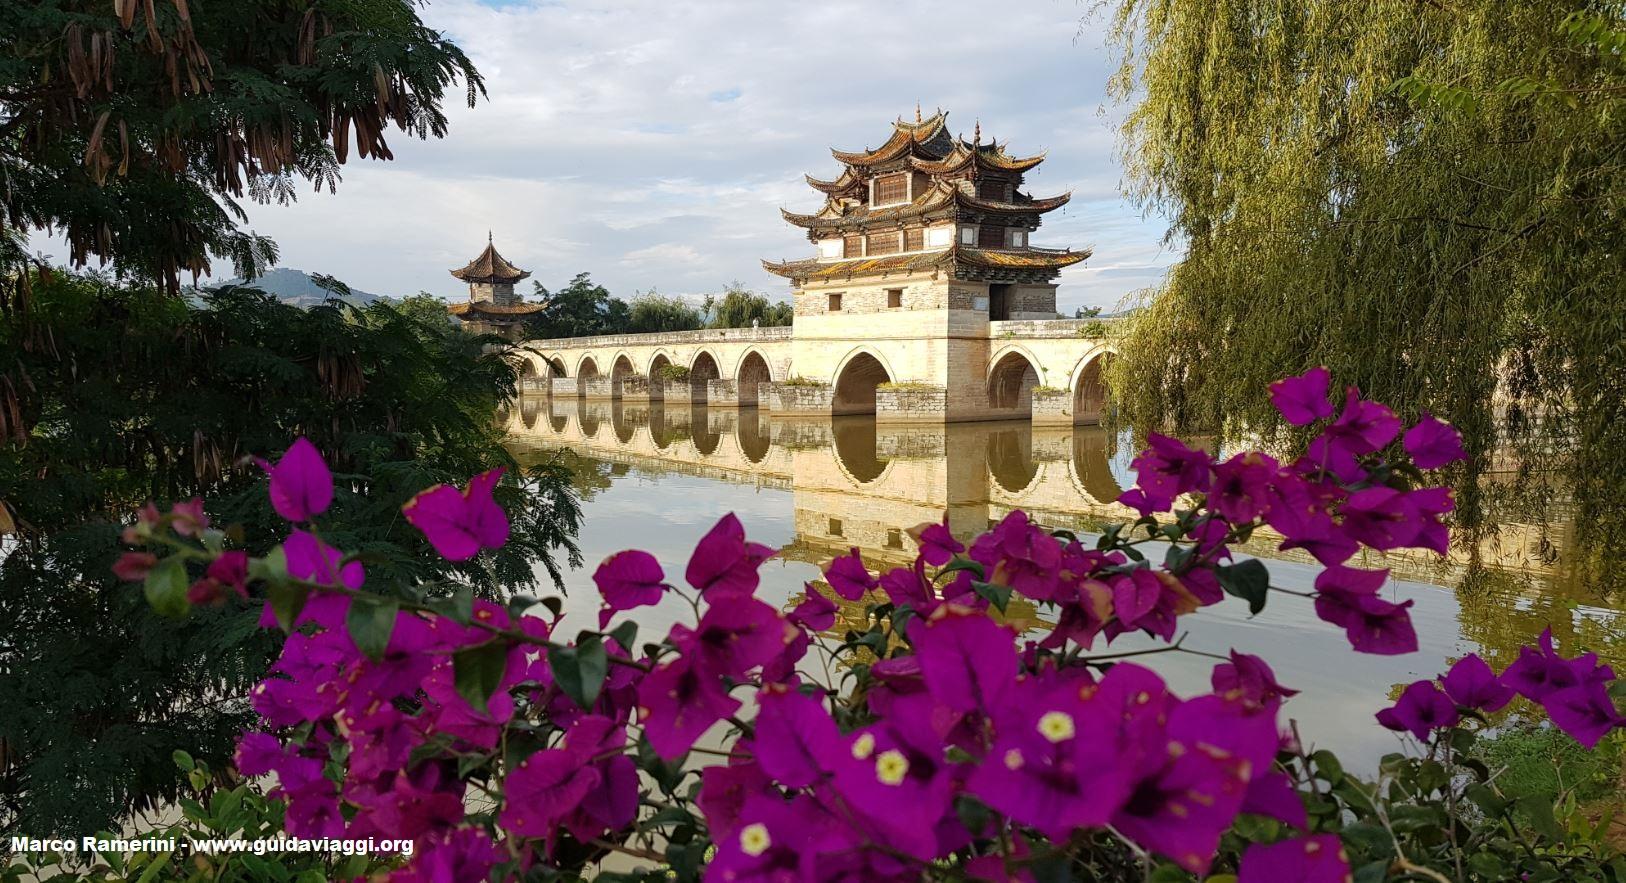 Puente de los dragones gemelos (Shuanglong Bridge), Jianshui, Yunnan, China. Autor y Copyright Marco Ramerini